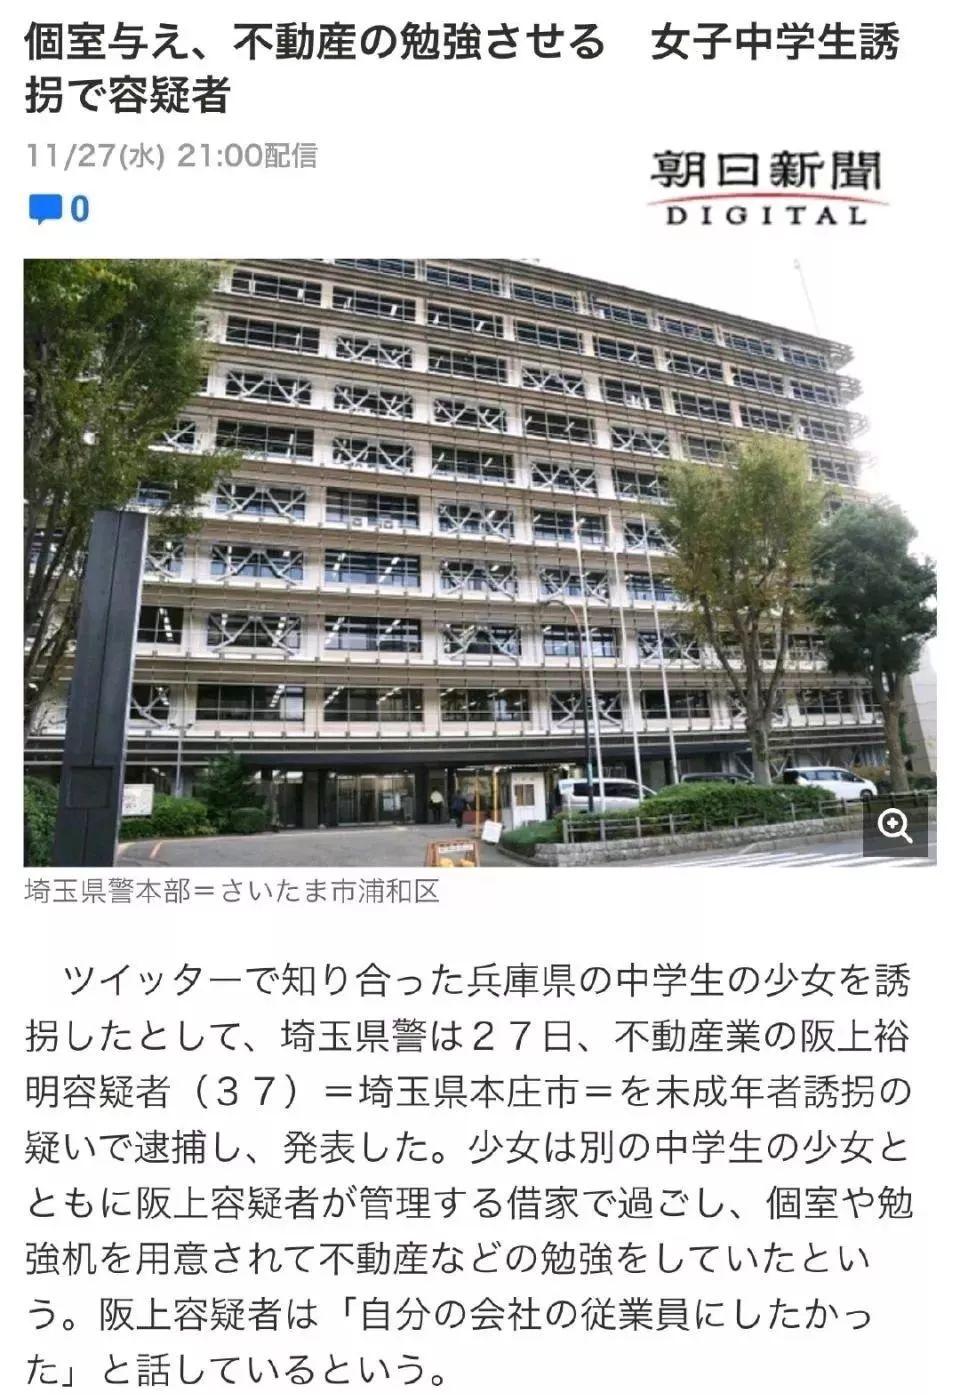 日本人贩诱拐未成年少女:正义可能迟到,但考试不会缺席!文化,历史!